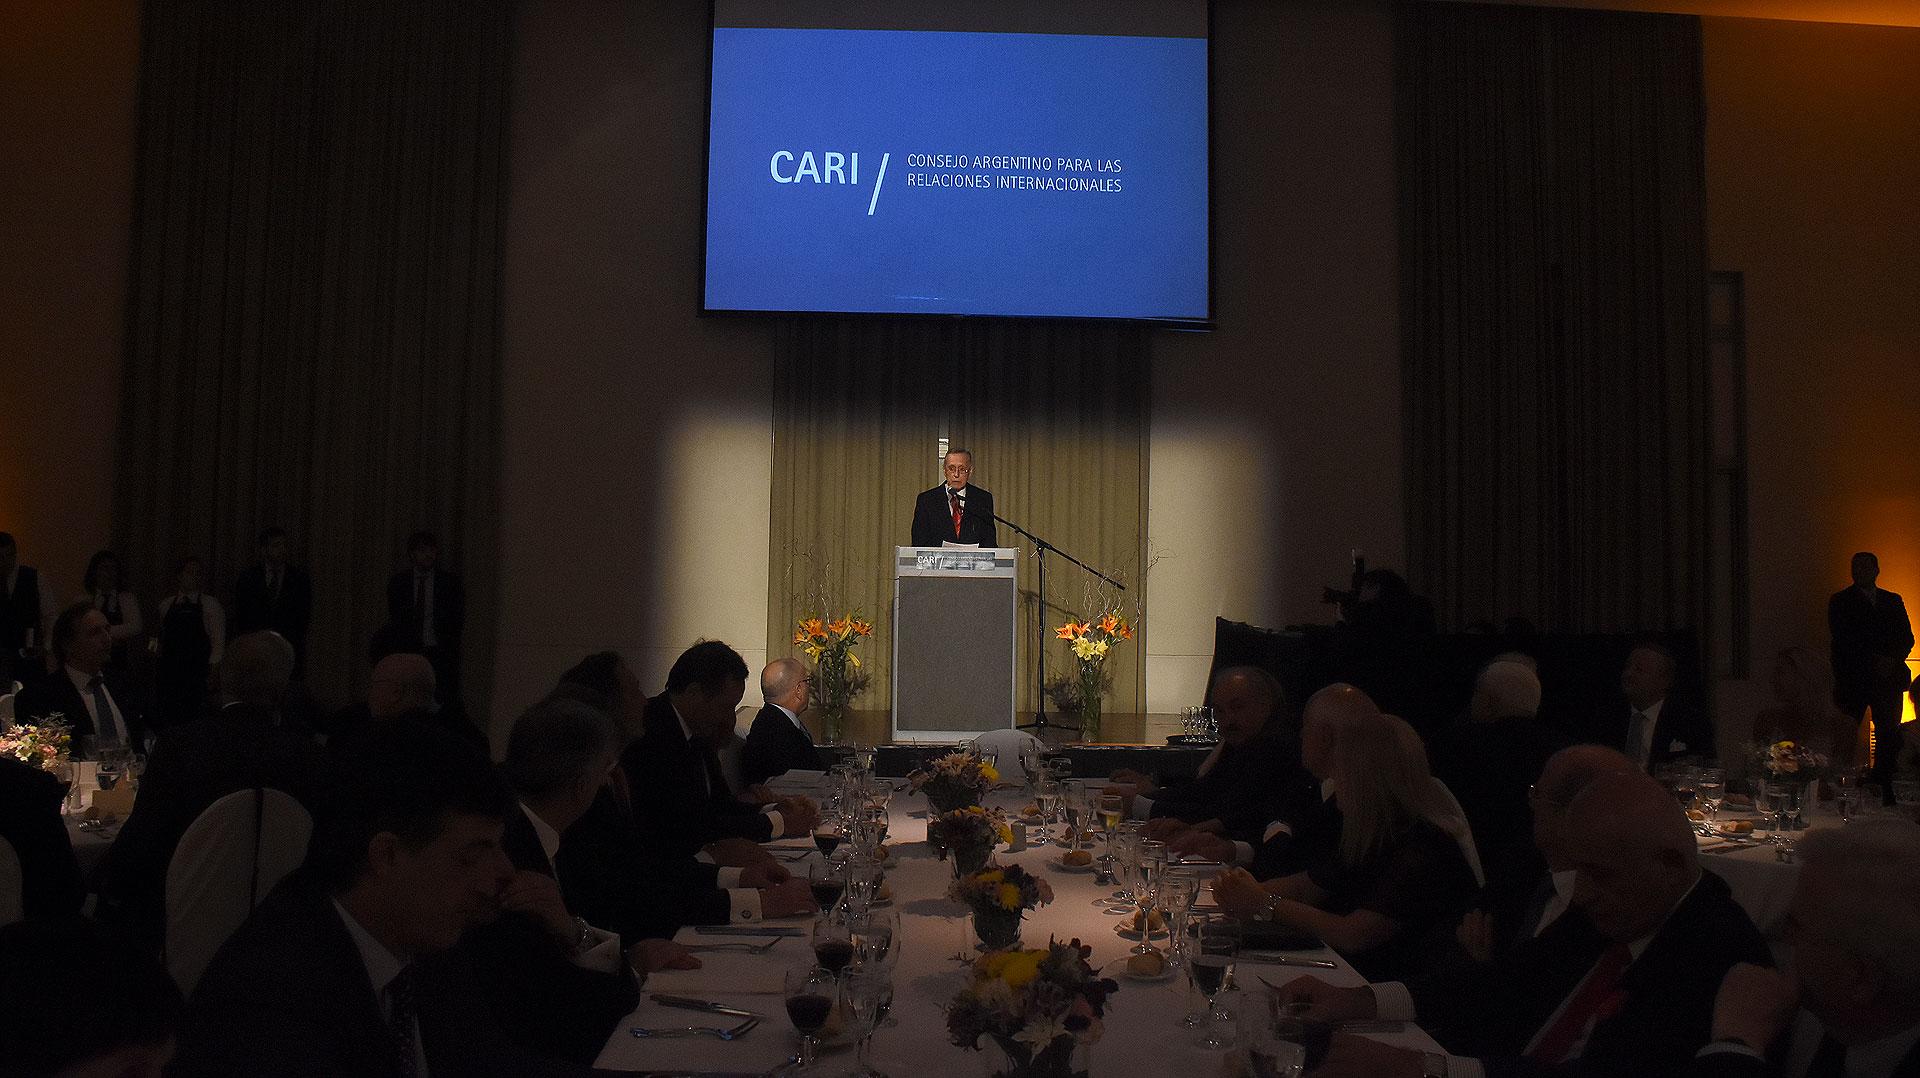 El discurso de Adalberto Rodríguez Giavarini frente a la mesa principal